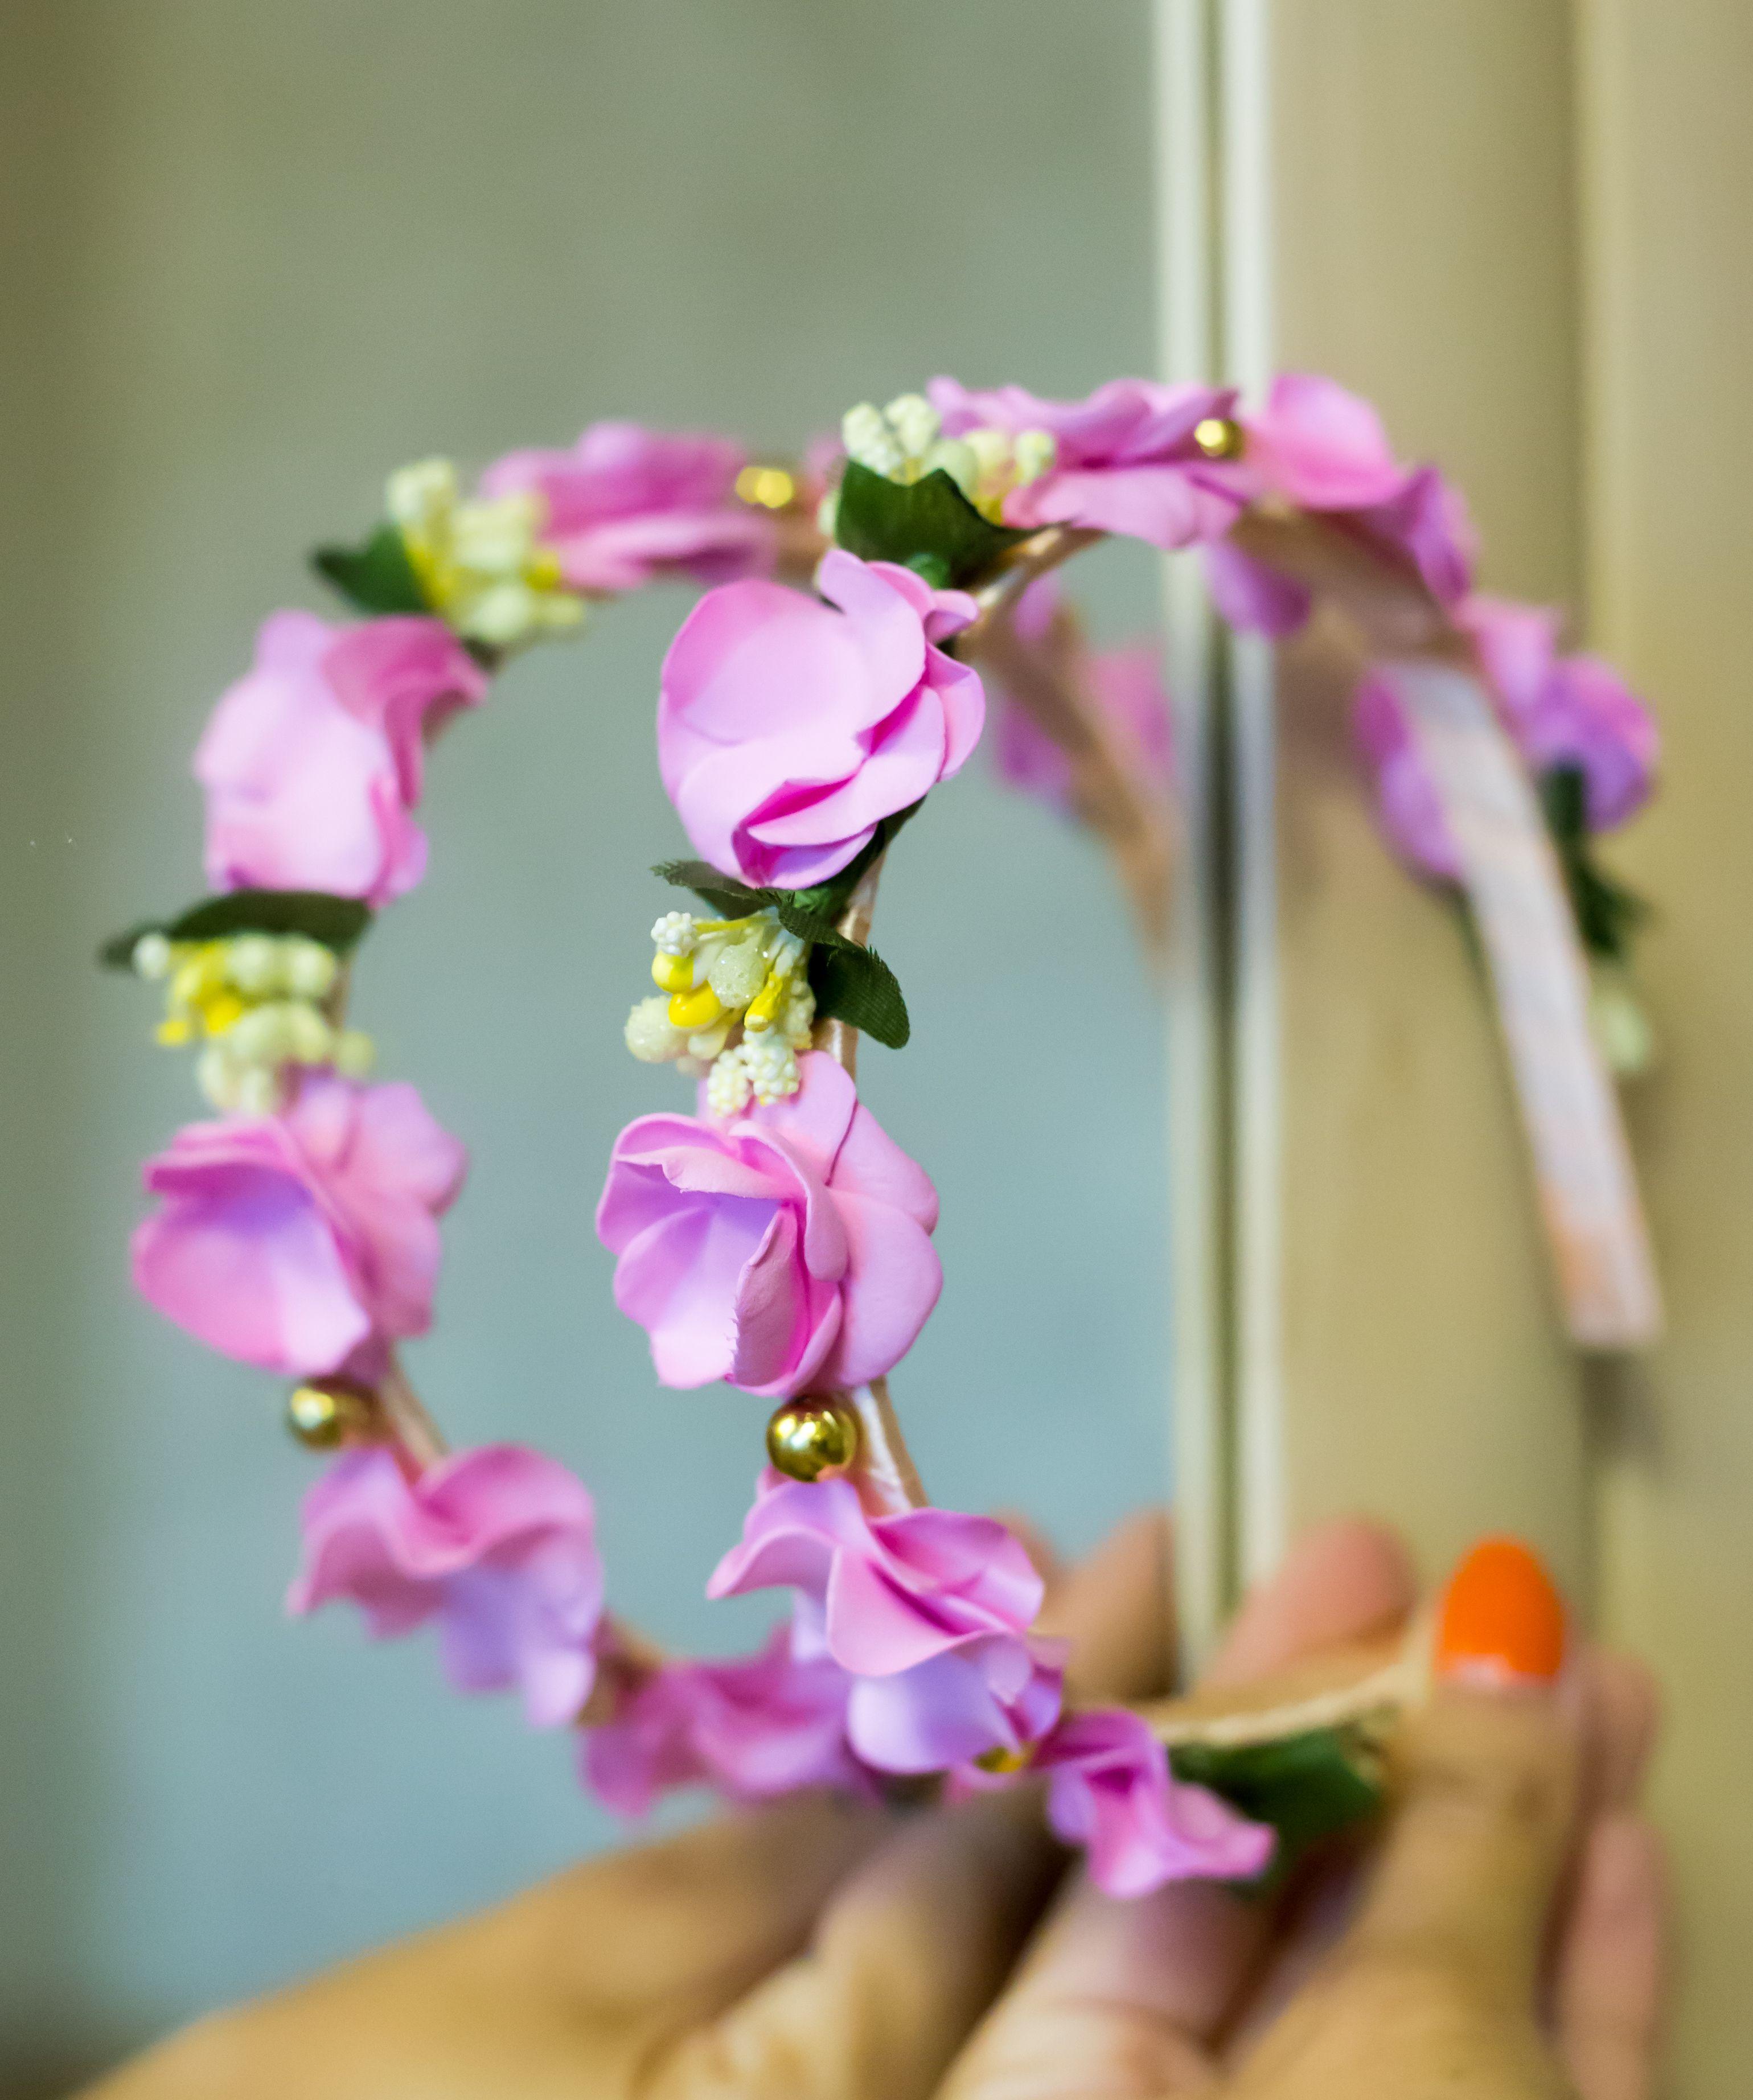 обруч бусины тычинки красивый фоамиран ободок детский цветы розовый яркий атлас